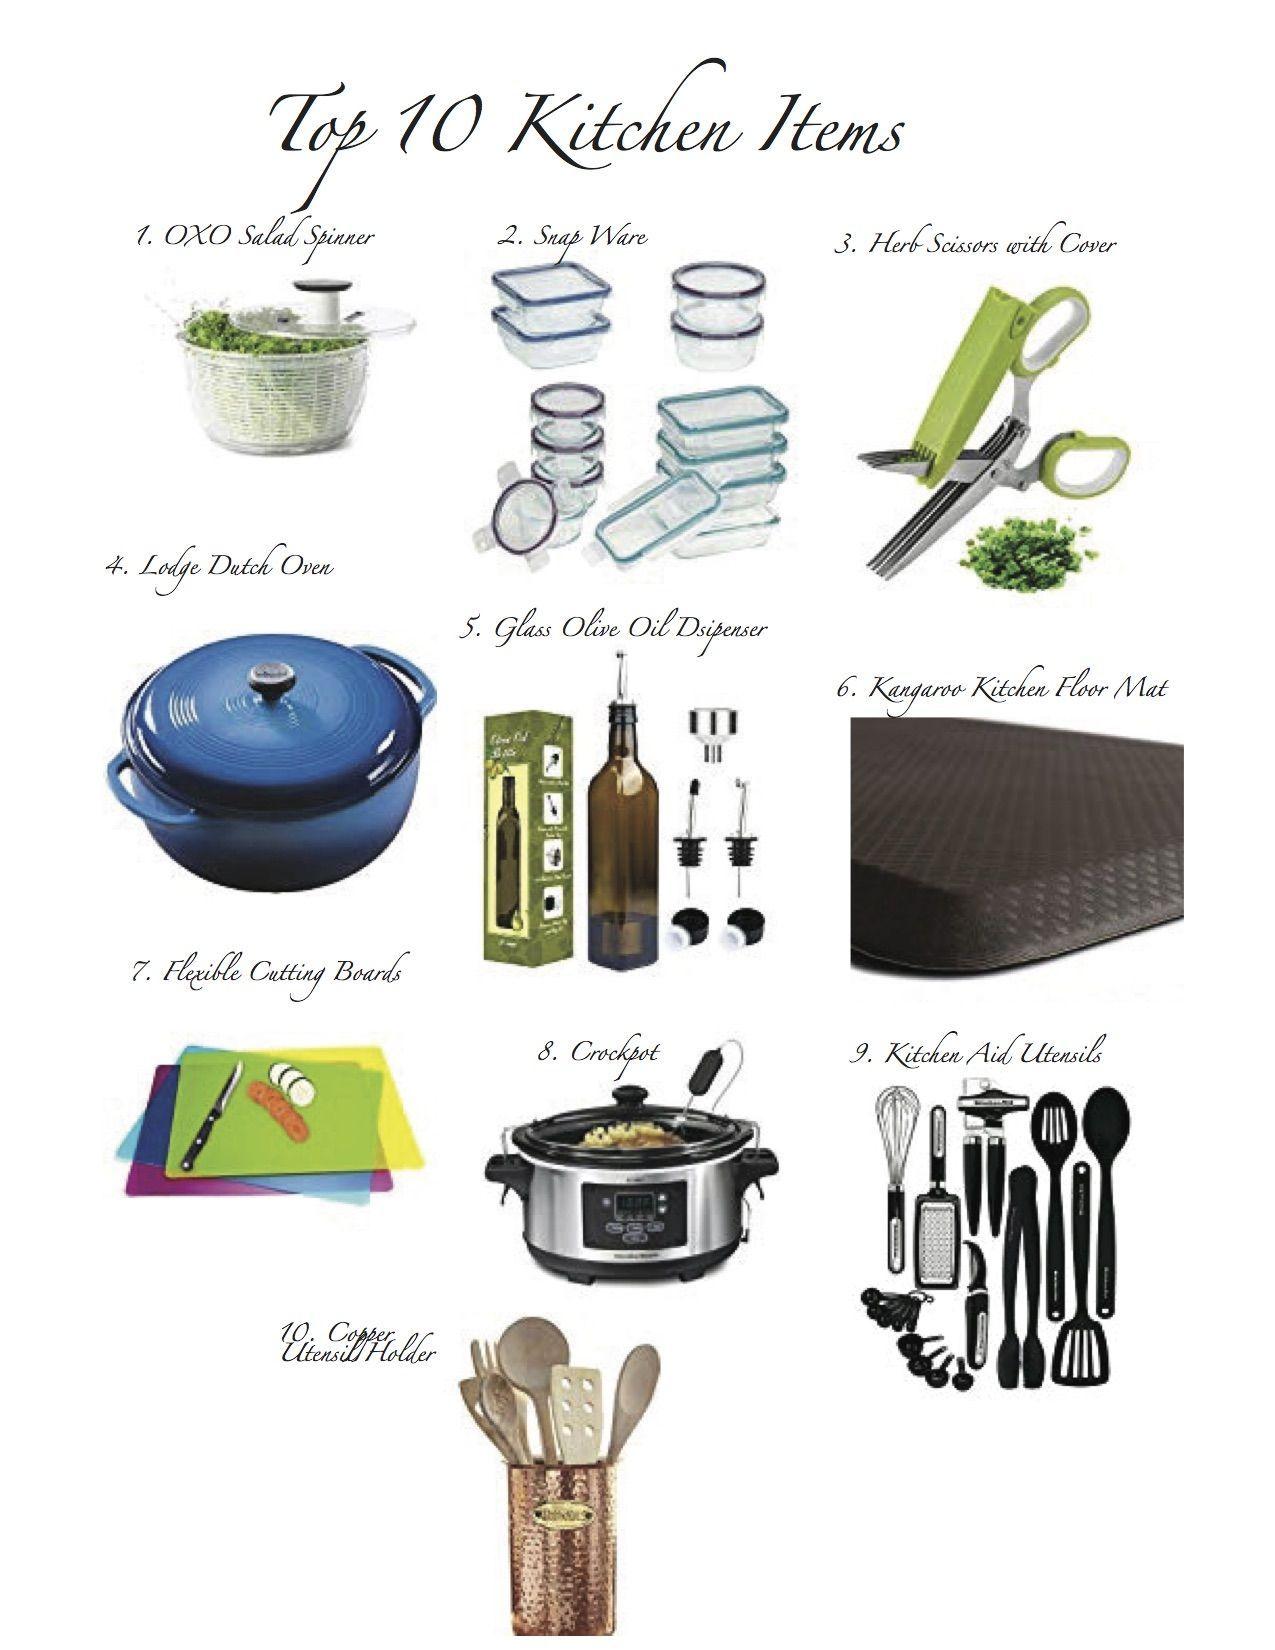 Top 10 Amazon Kitchen Items My Hint On Life Kitchen Items